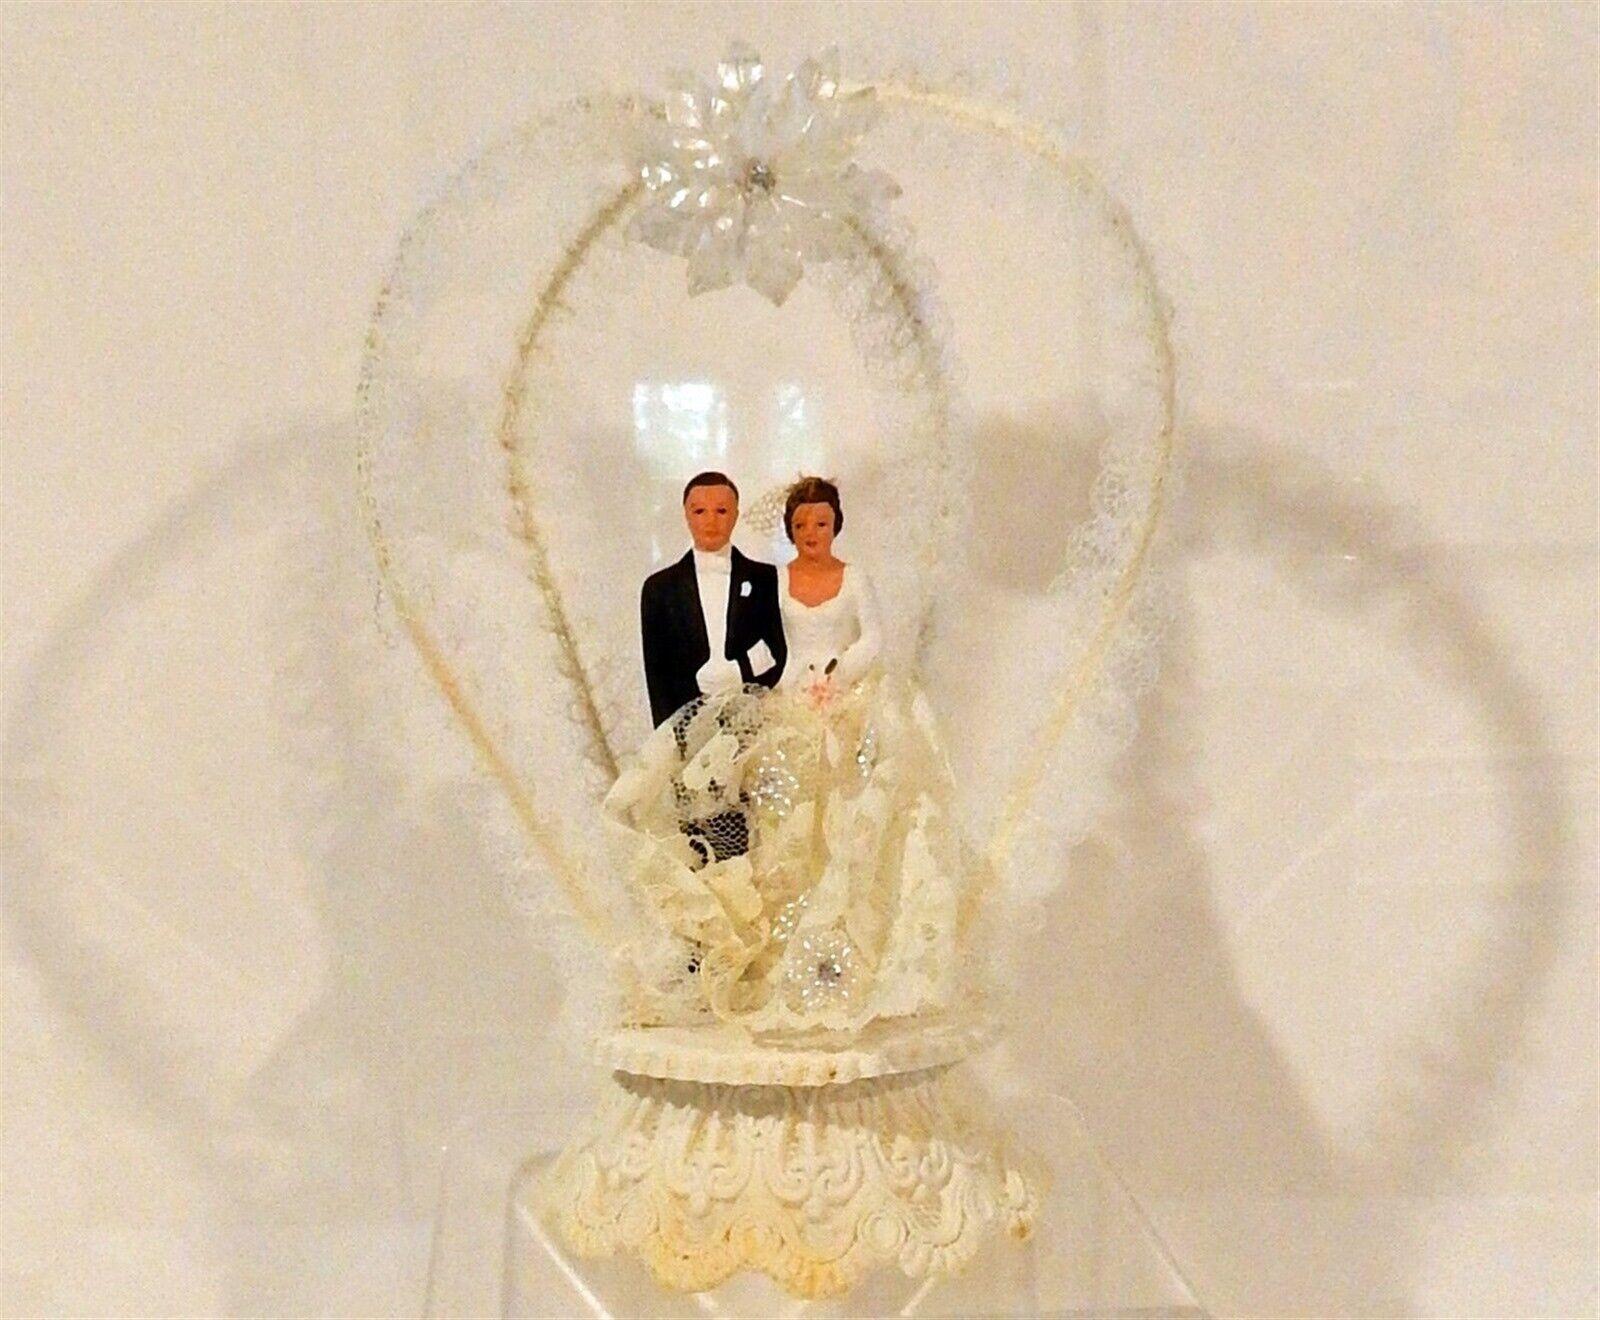 Vintage 1959 Large Composition Wedding Bride & Groom Wedding Cake Topper & Box